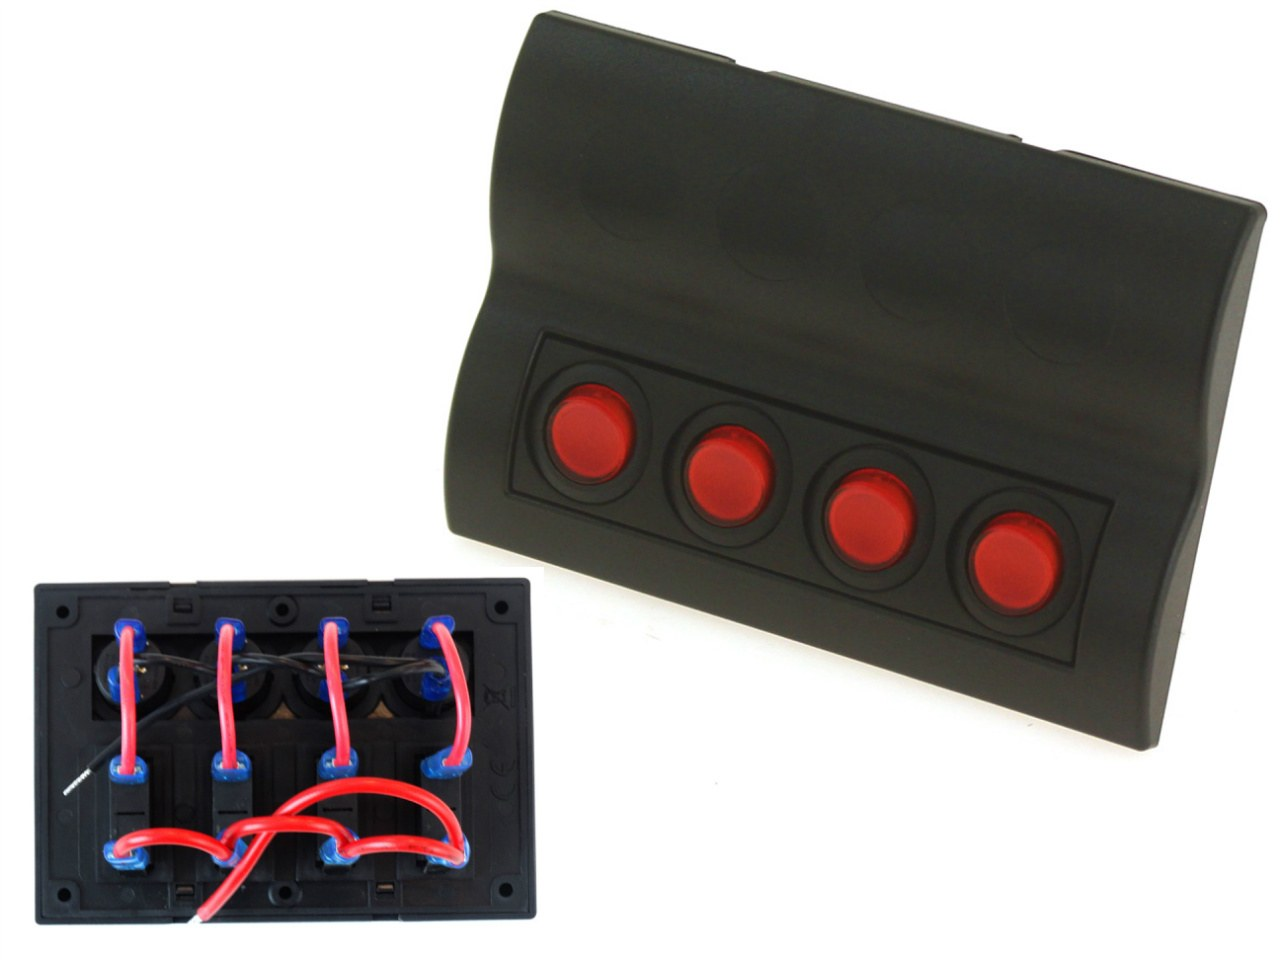 Przełączniki 12/24V IP68 ON-OFFx4, 4xB 2x5A 1x10A 1x15A, LED IP68 - GRUBYGARAGE - Sklep Tuningowy